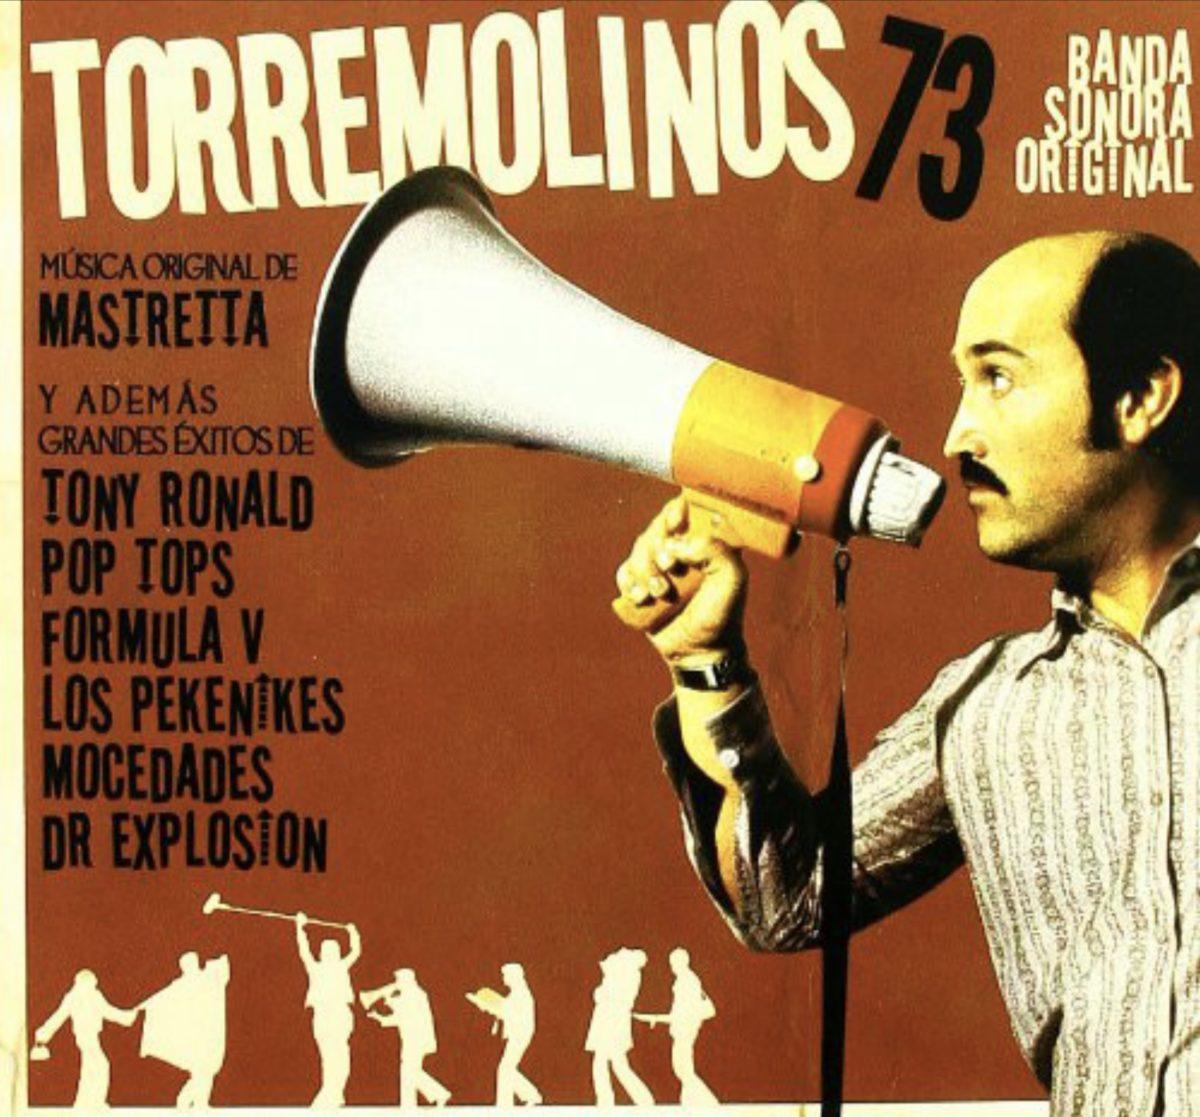 Torremolinos 73 (BSO)   Mastretta